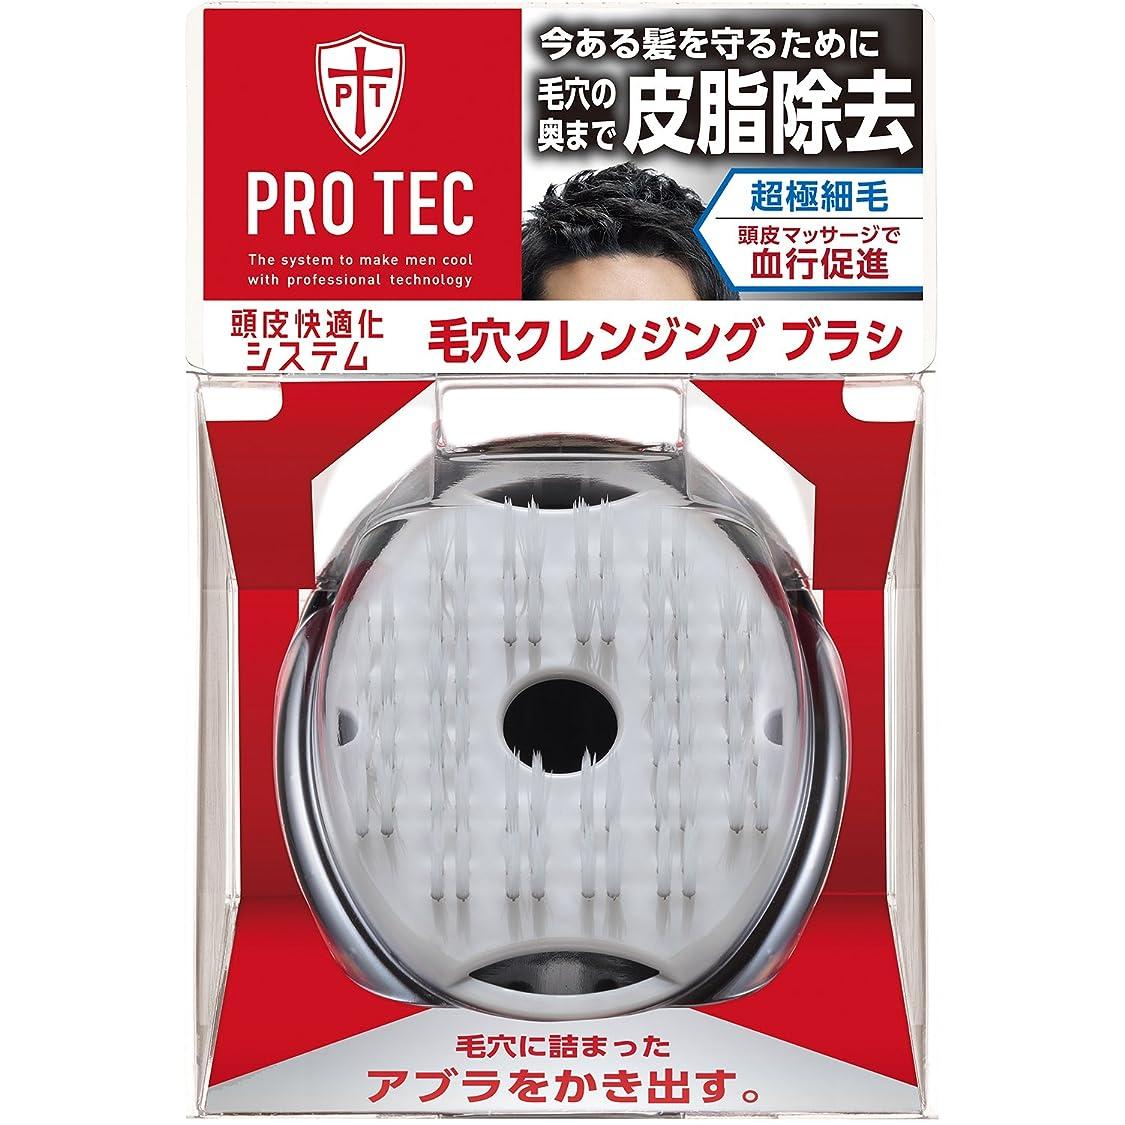 好奇心侵入する残忍なPRO TEC(プロテク) ウォッシングブラシ 毛穴クレンジングタイプ